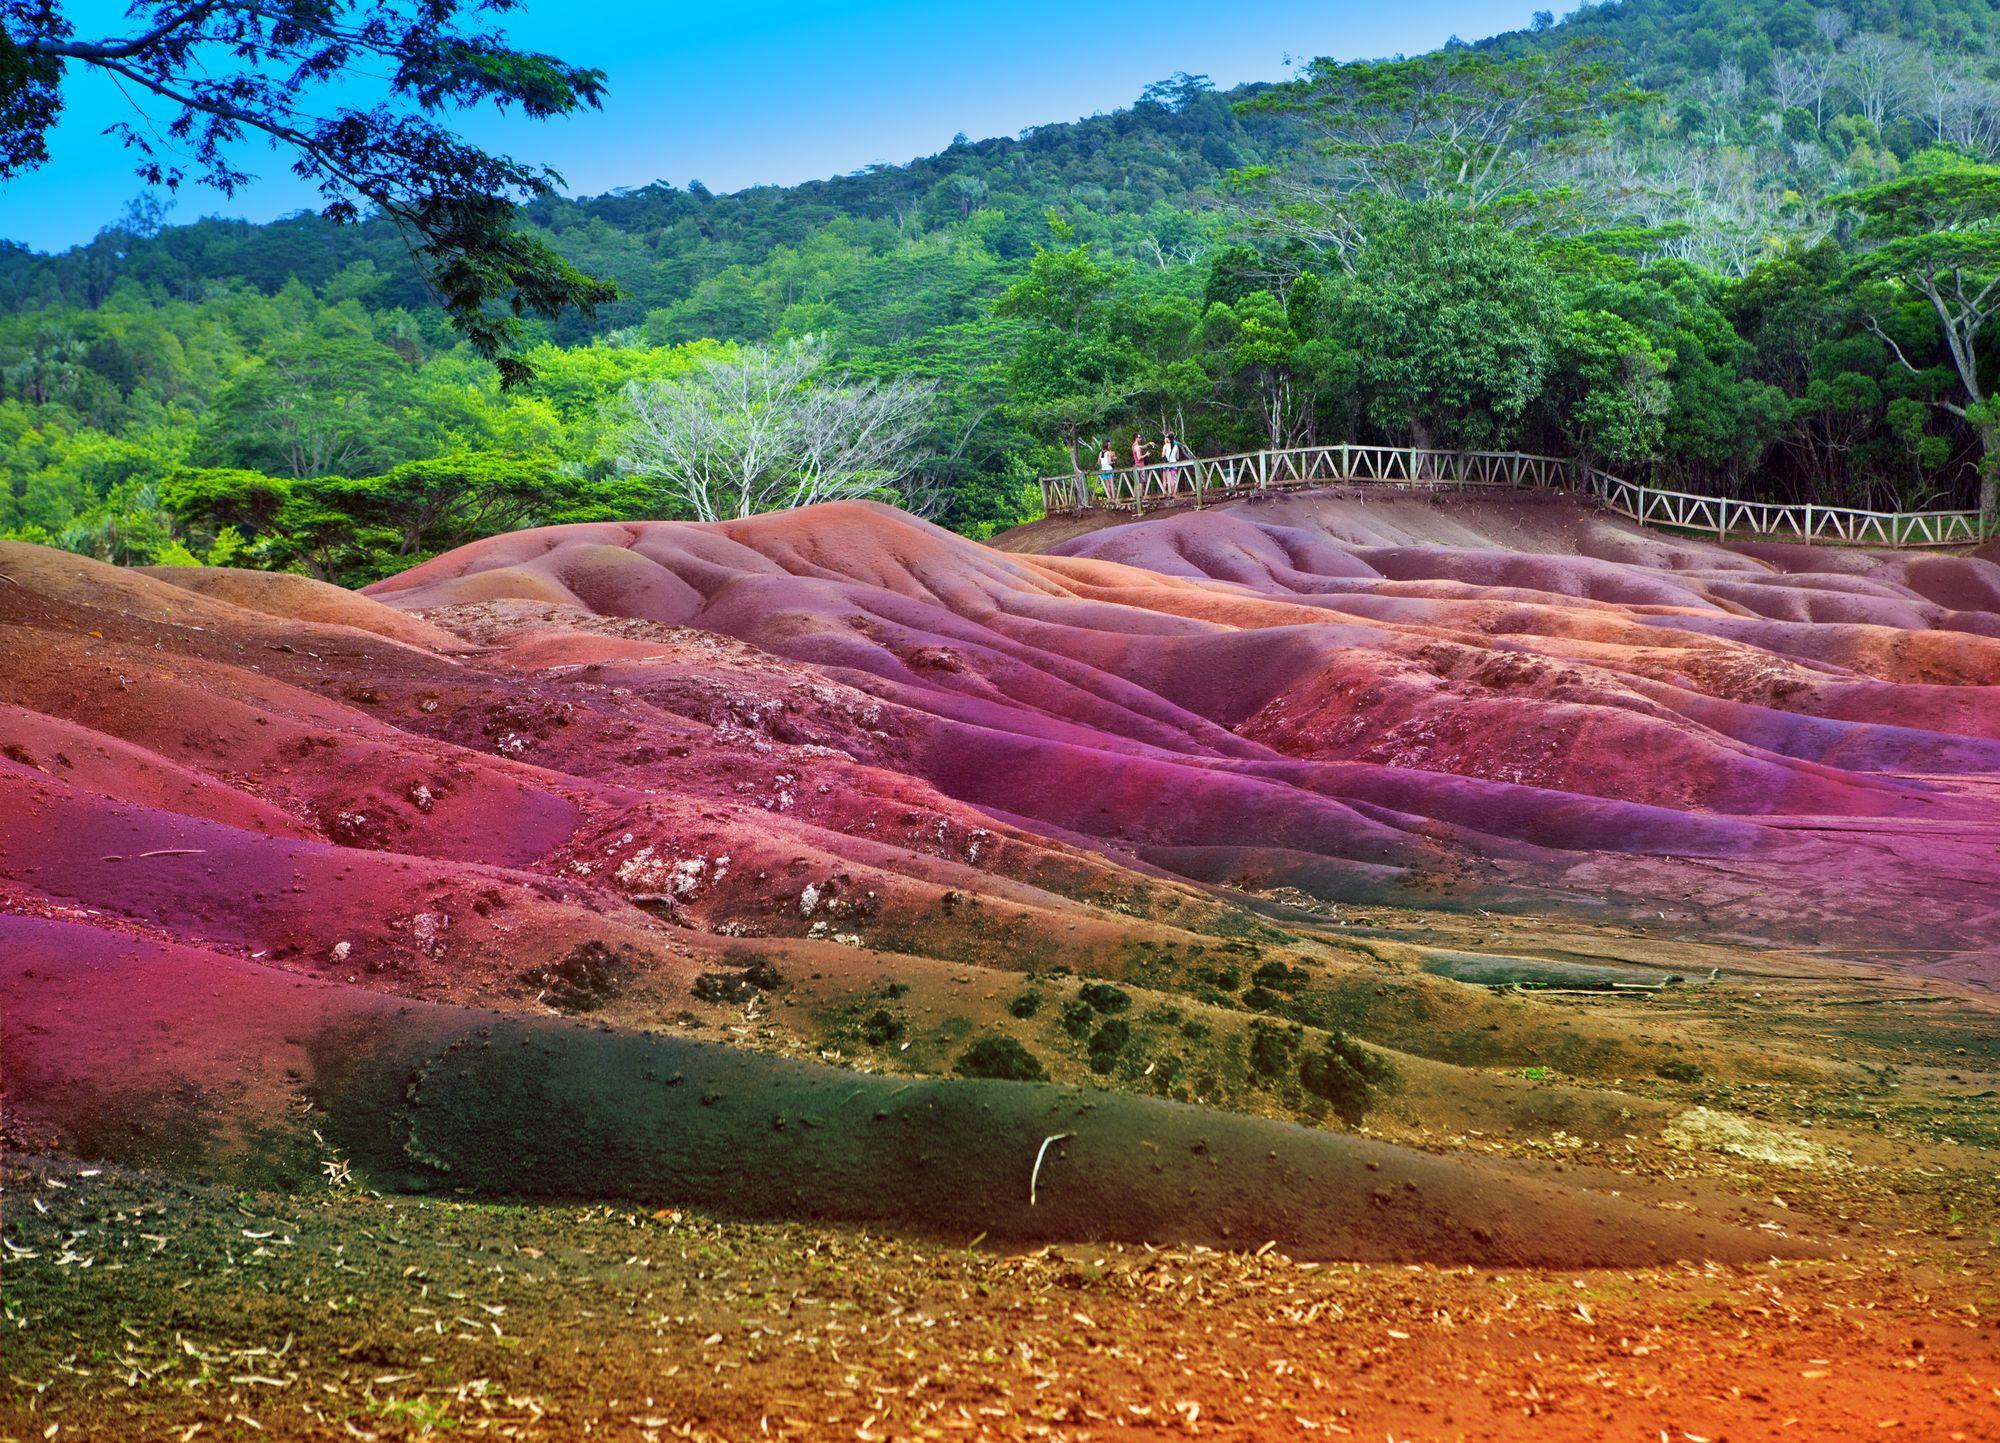 La tierra de los siete colores, uno de los principales atractivos turísticos de Mauricio.